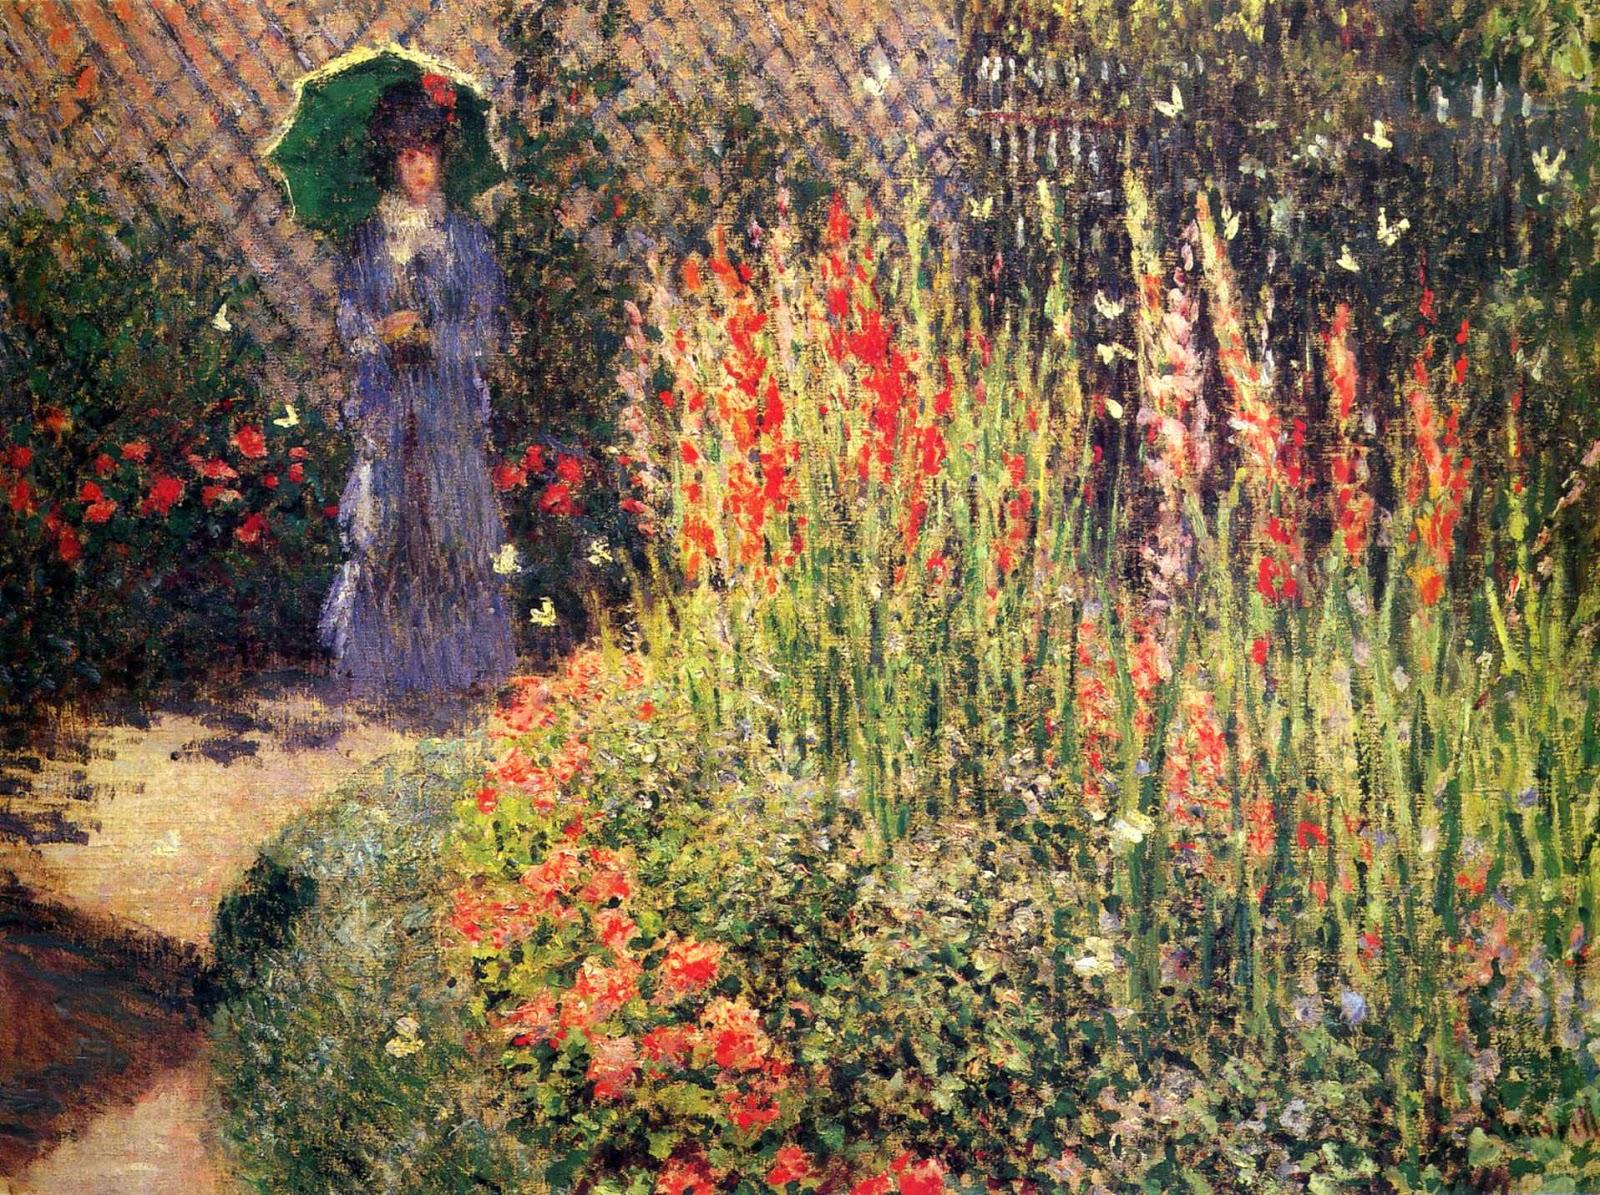 Claude Monet 1876 Gladioli Oil On Canvas 55.9 X 82.6 Cm. Detroit Institute  Of Arts, MI